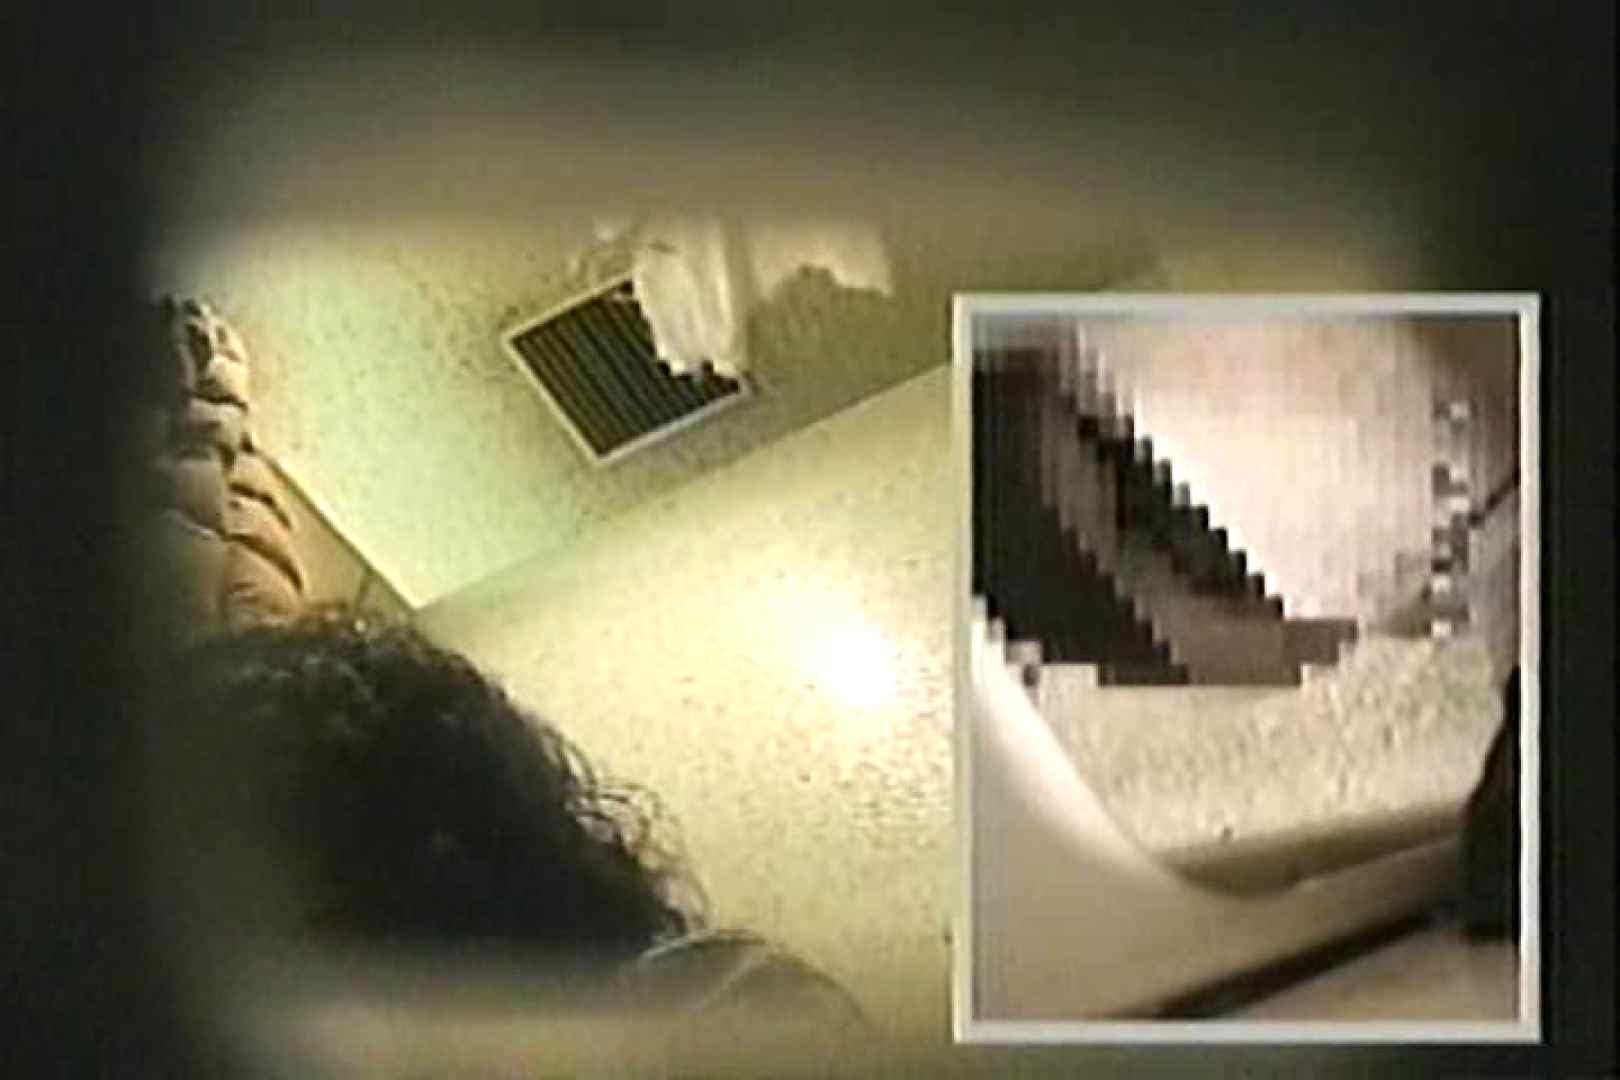 女子洗面所盗撮 今度の2カメは若い子だらけ  TK-127 ギャルの実態 盗み撮りSEX無修正画像 62pic 23